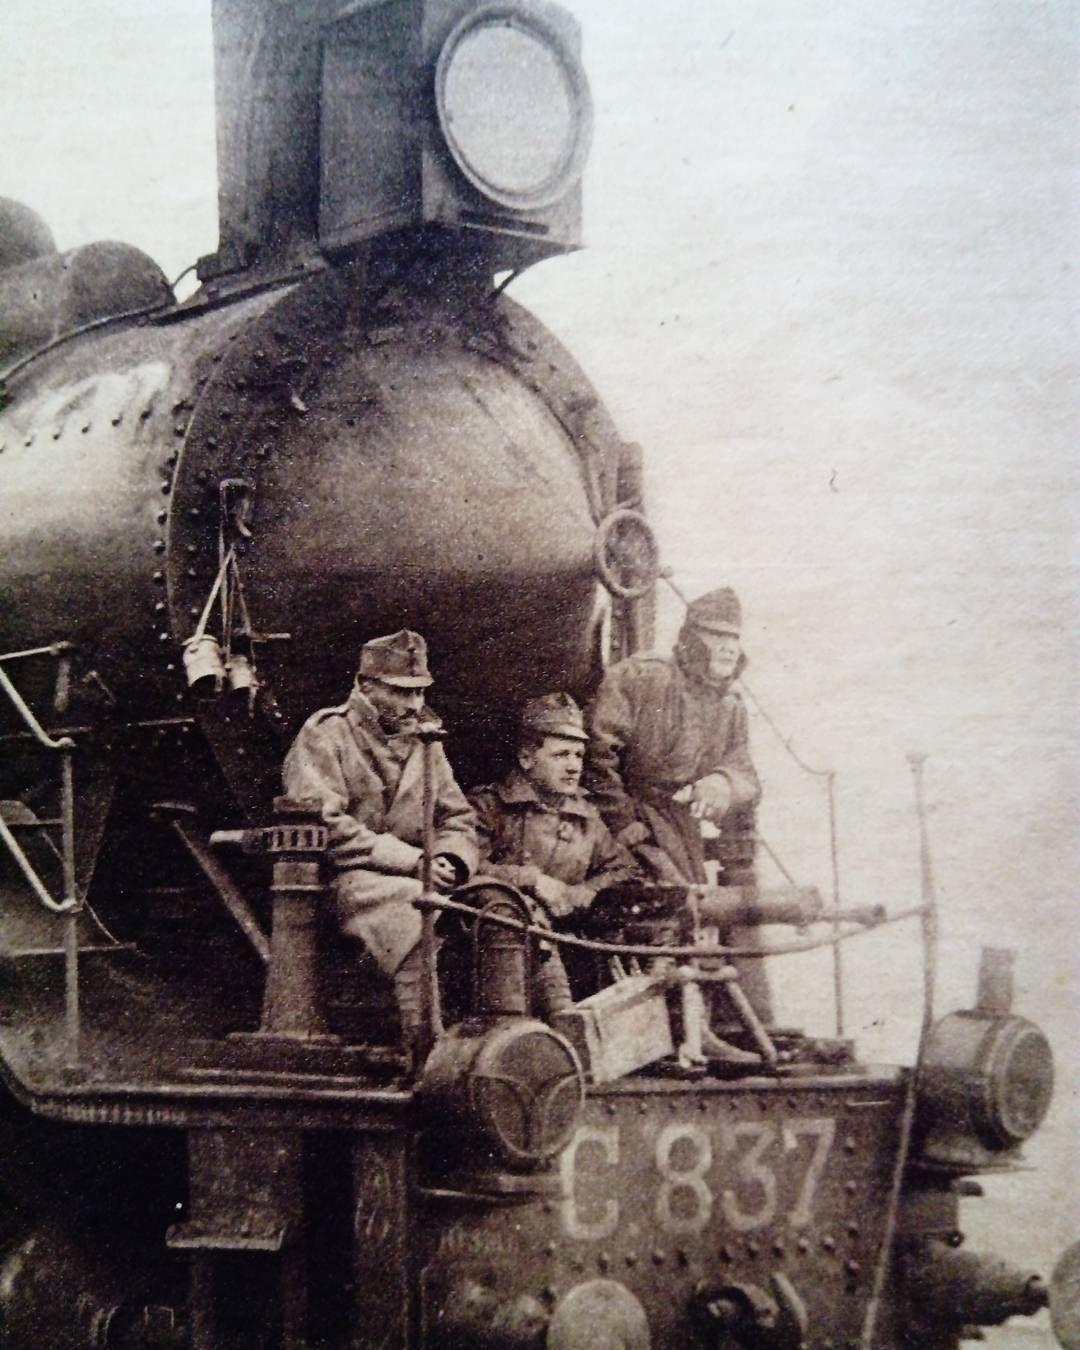 WWI, Austrian machine gun on a locomotive during advance in Ukraine.